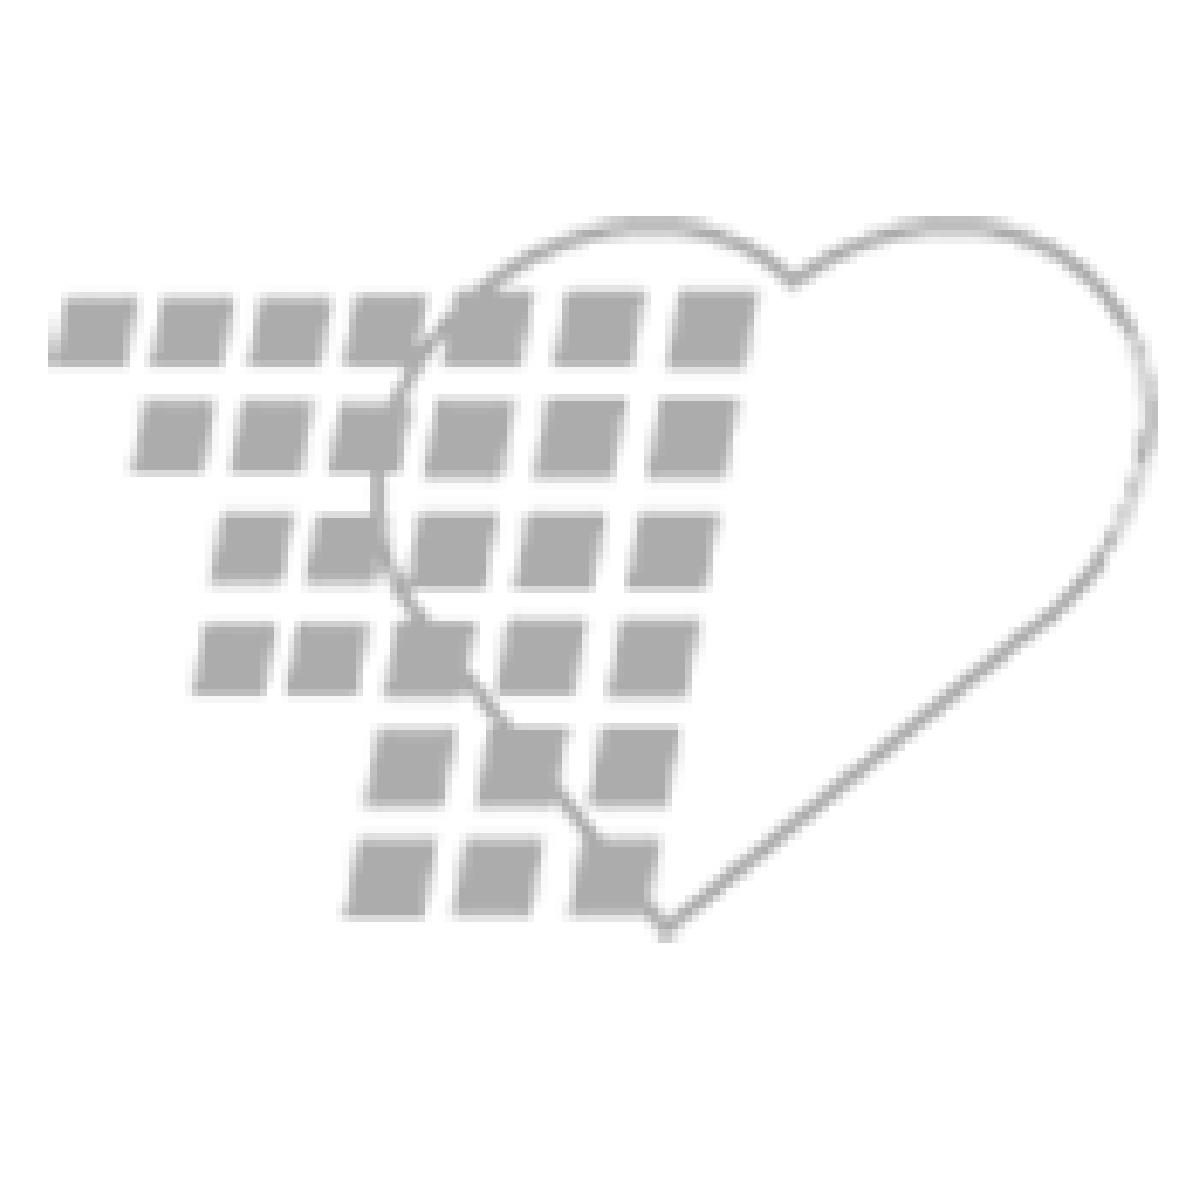 09-31-0055 - BARD Rapitube Adult & Pediatric Medication Dosage Slide Card